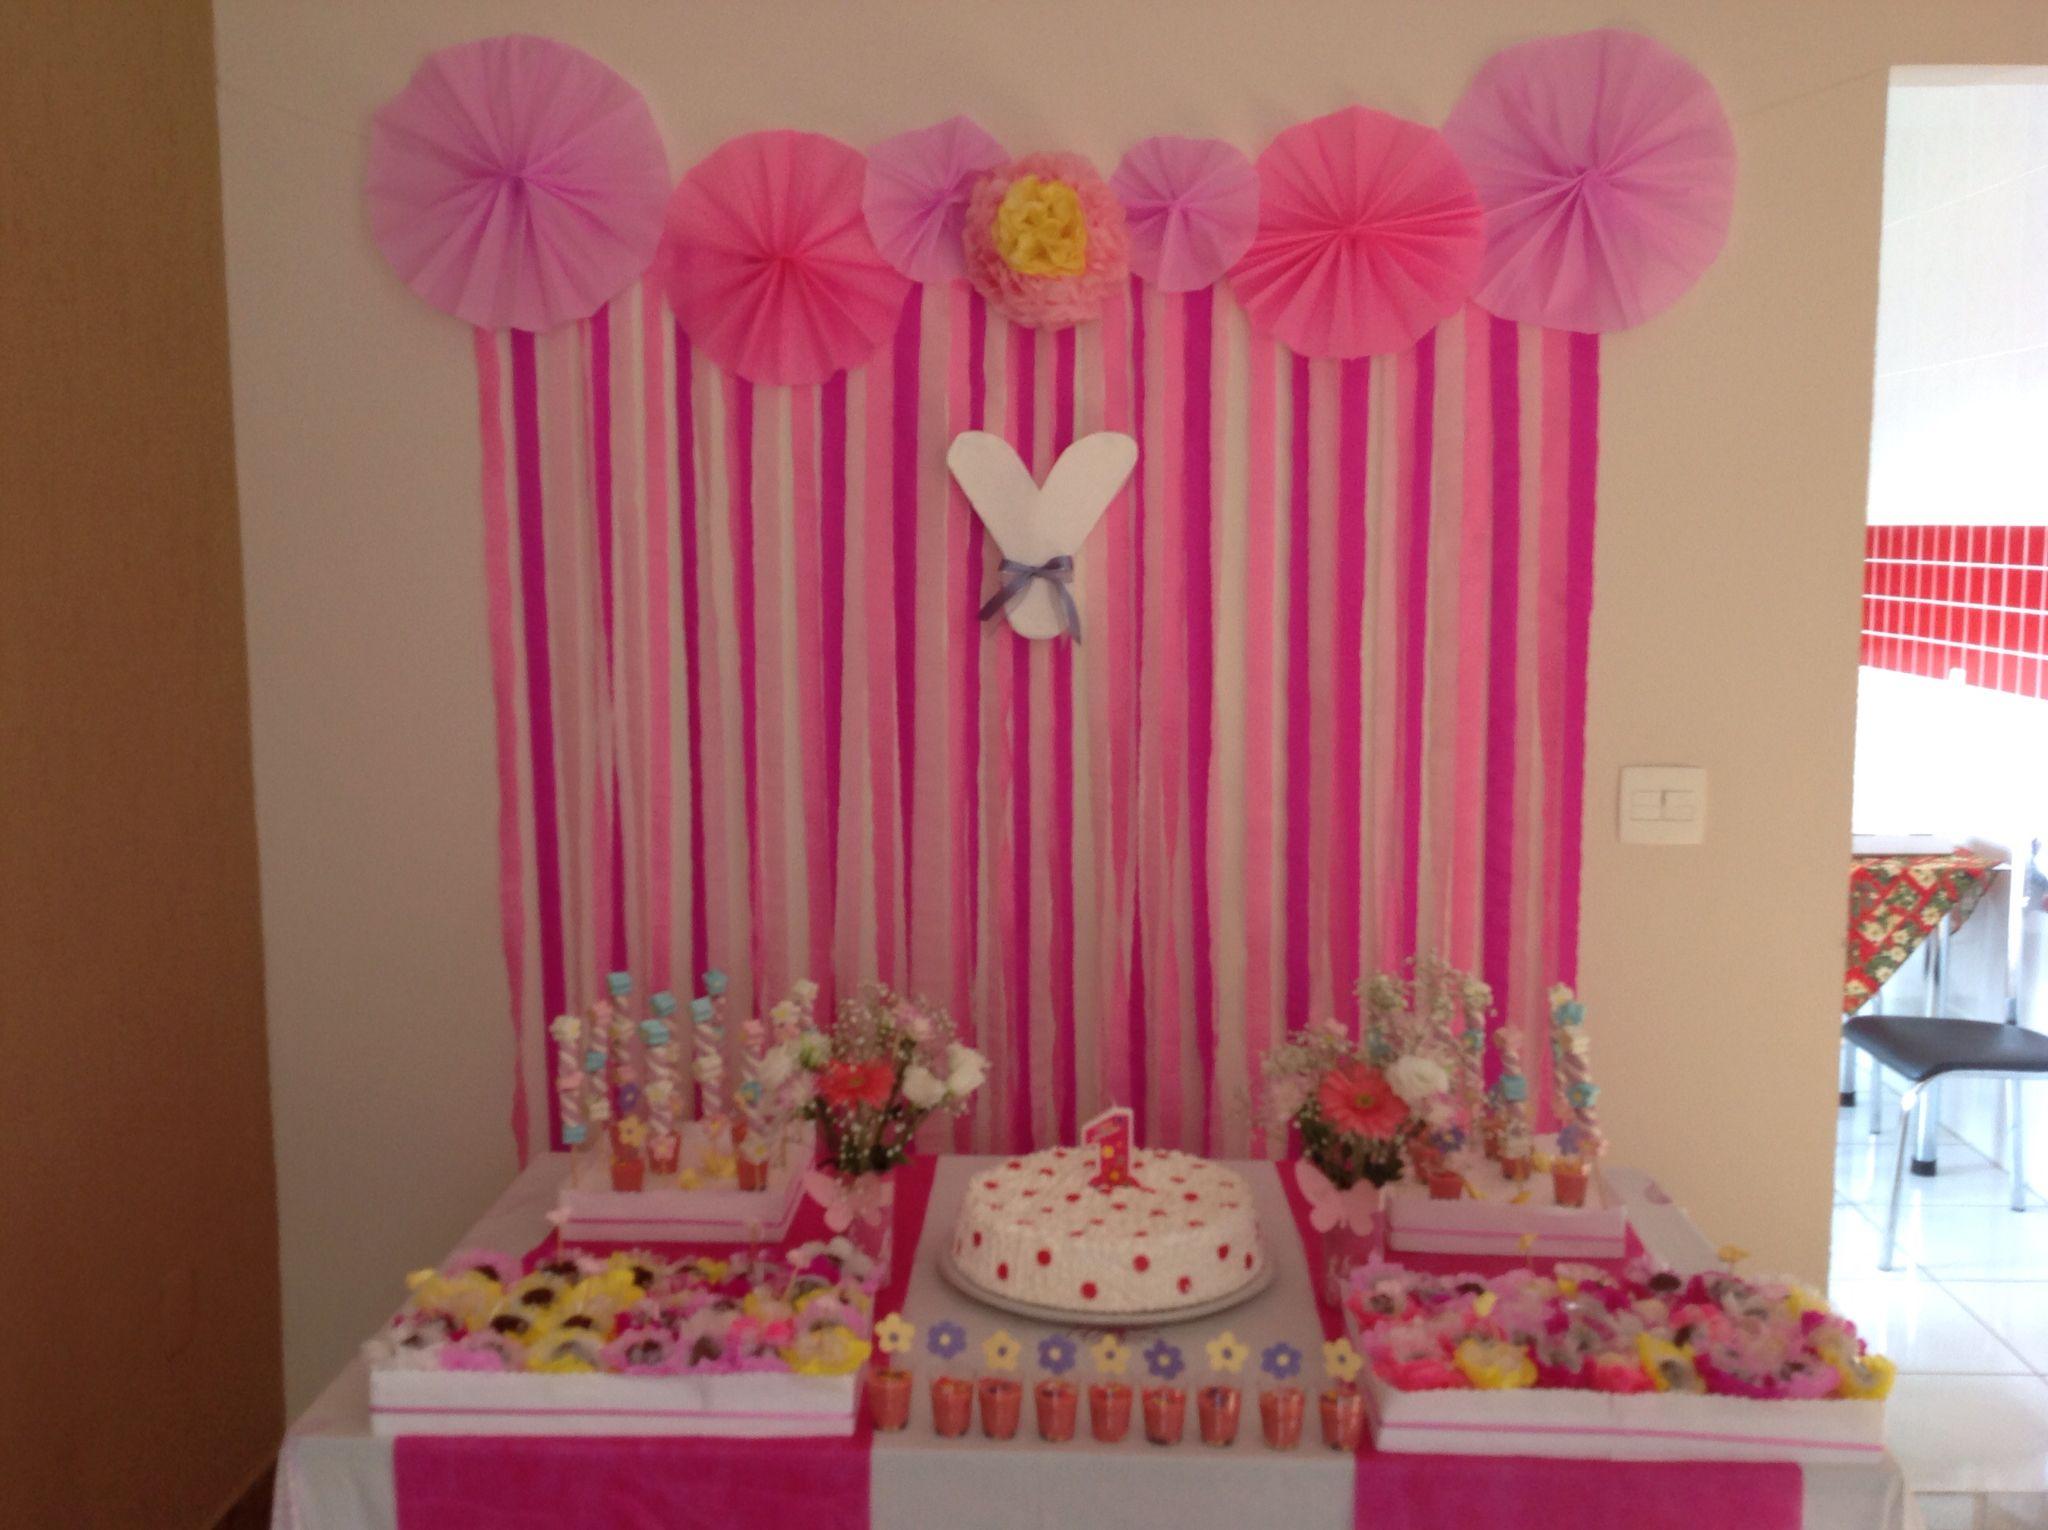 Faça vc mesmo a sua decoraç u00e3o Papel crepomé muita criatividade Festa flores e borboletas  -> Decoraçao De Parede Com Papel Crepom